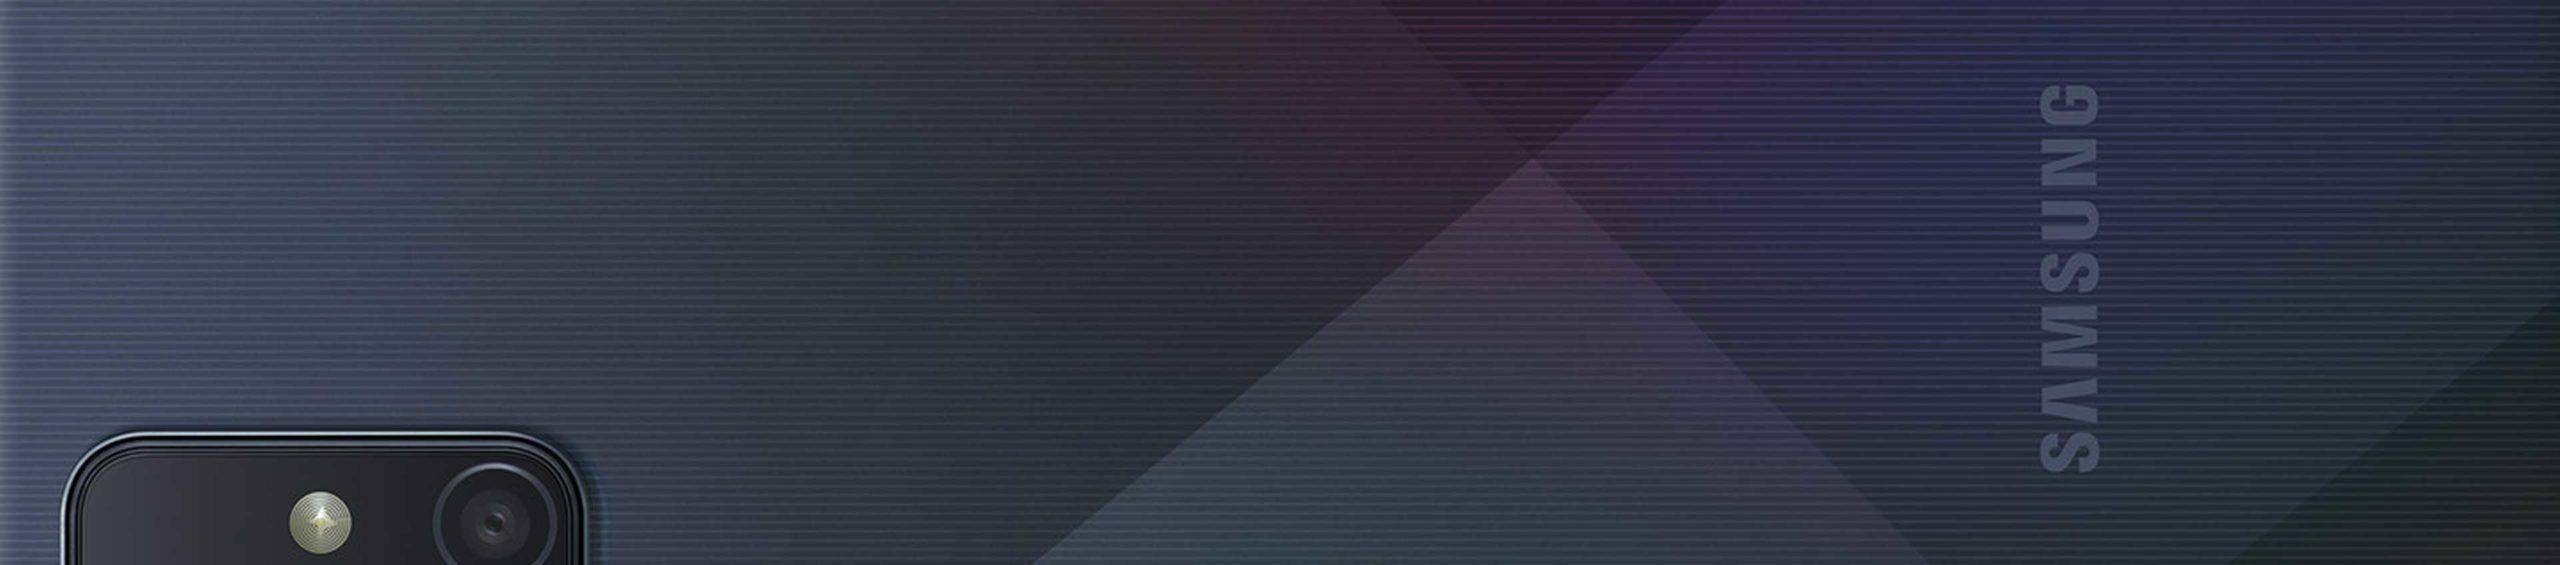 Samsung Galaxy A71 Black Friday